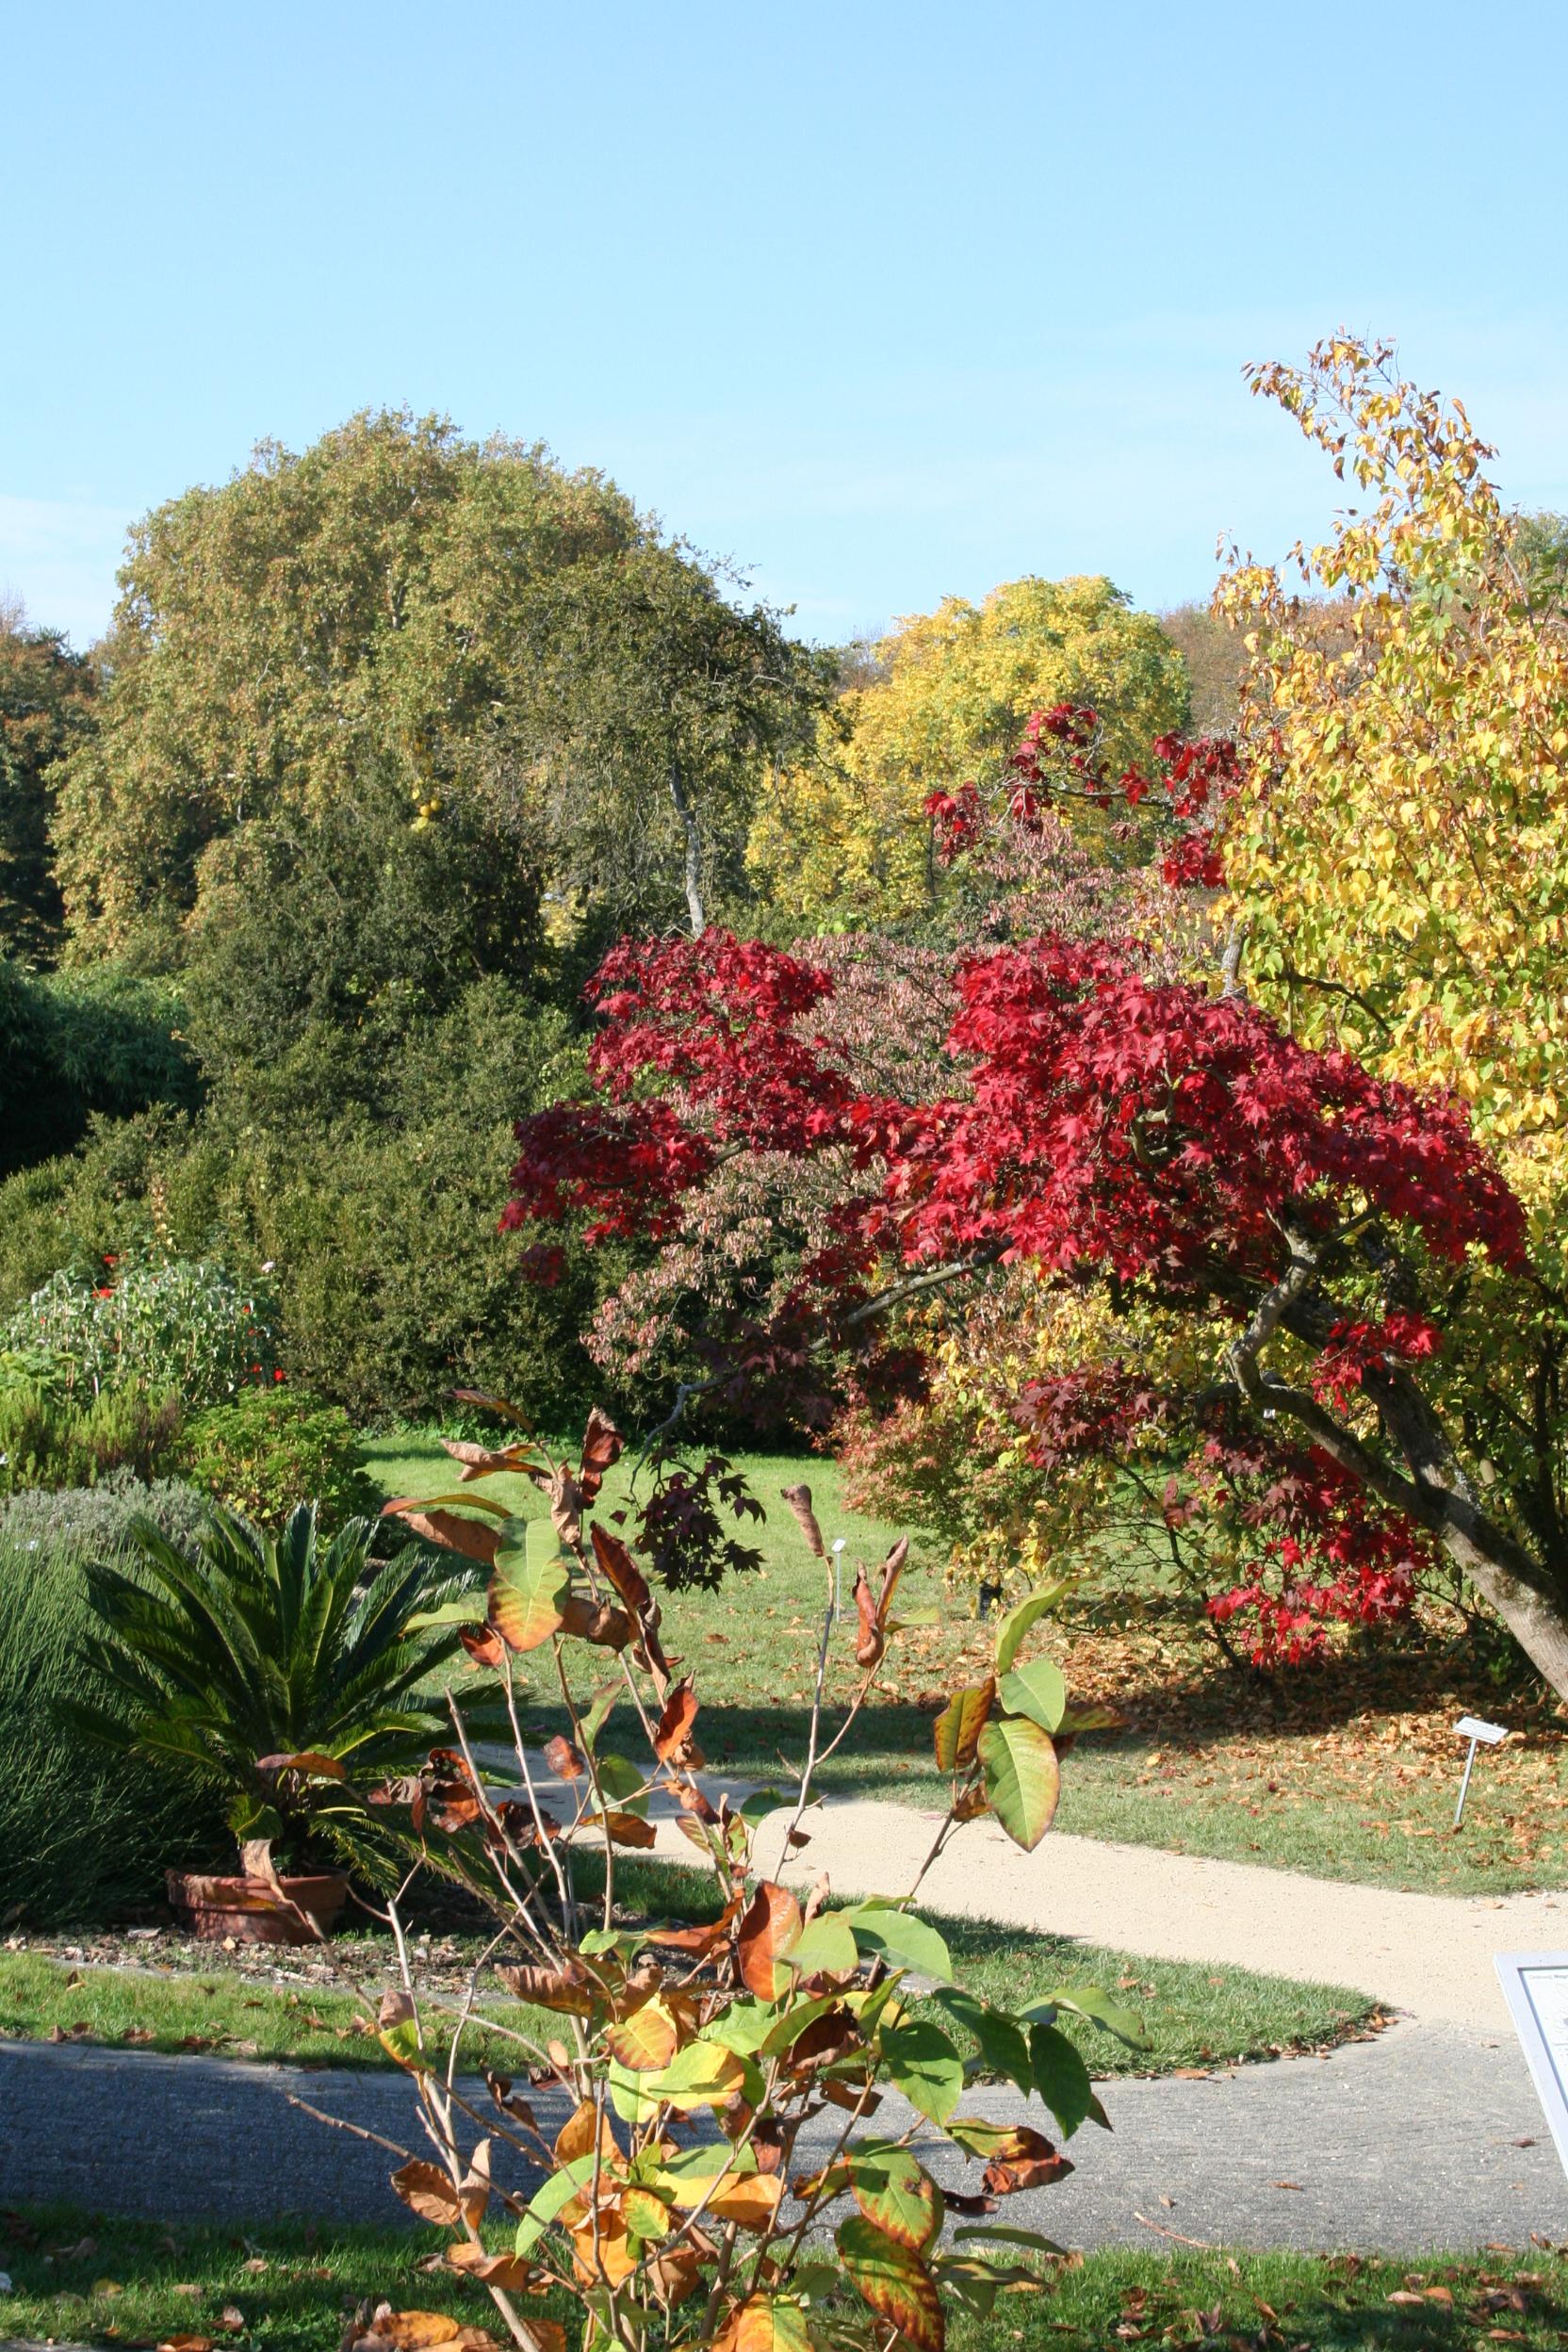 öffentliche Führung Die Bäume Im Botanischen Garten